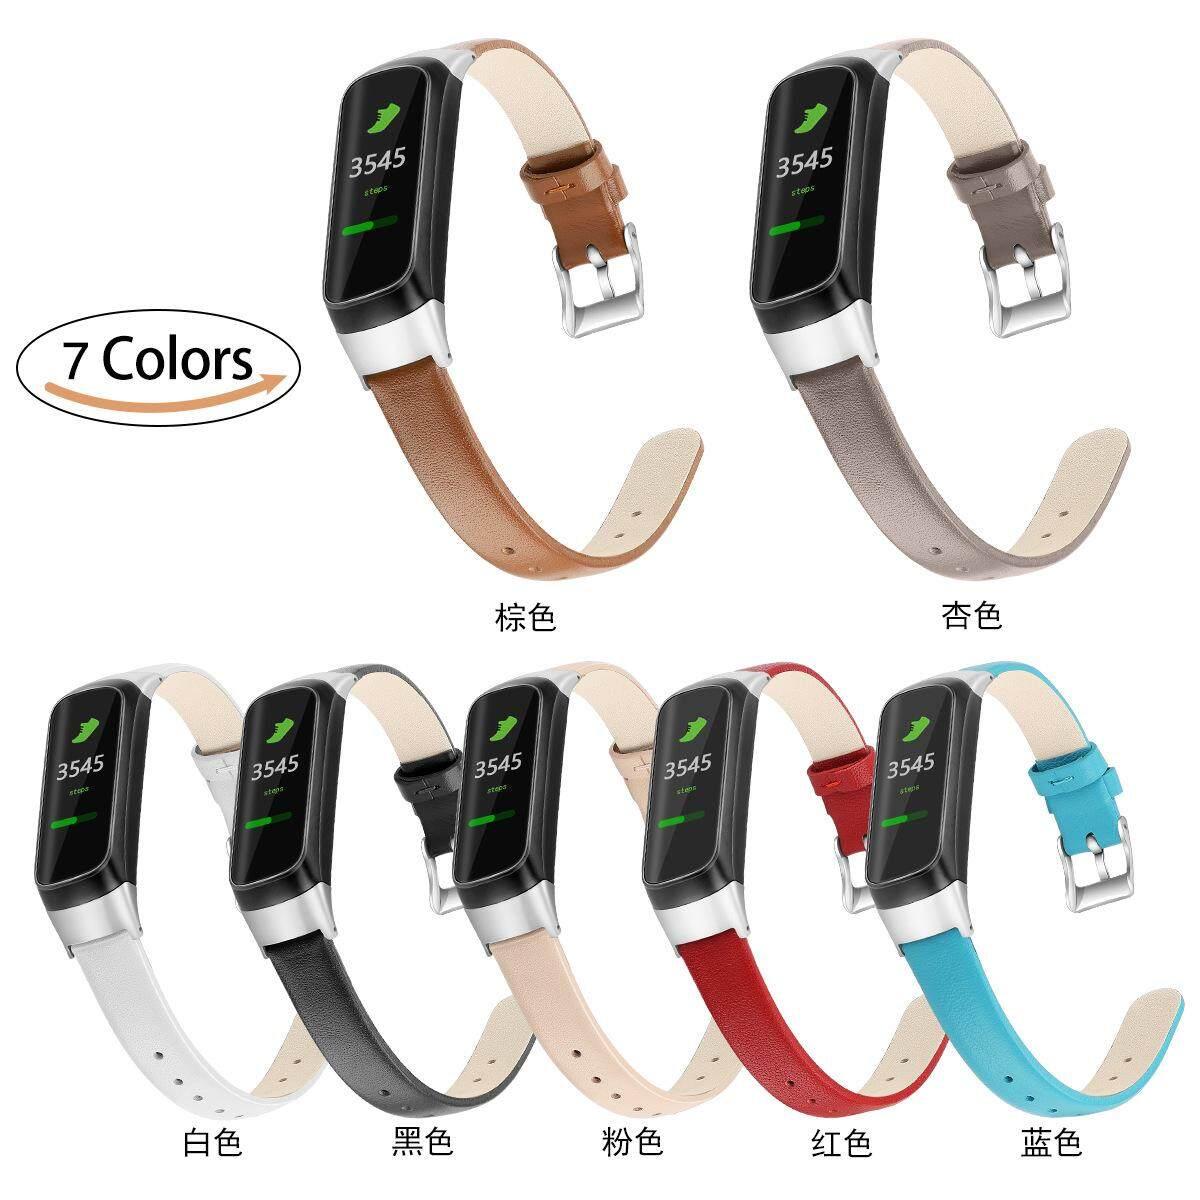 Giá Dây đồng hồ Thay Thế Dây Da Ban Nhạc Cổ Tay Watchbands Vòng Tay Phụ Kiện dành cho Samsung Galaxy Samsung Galaxy Phù Hợp Với Sm-r370